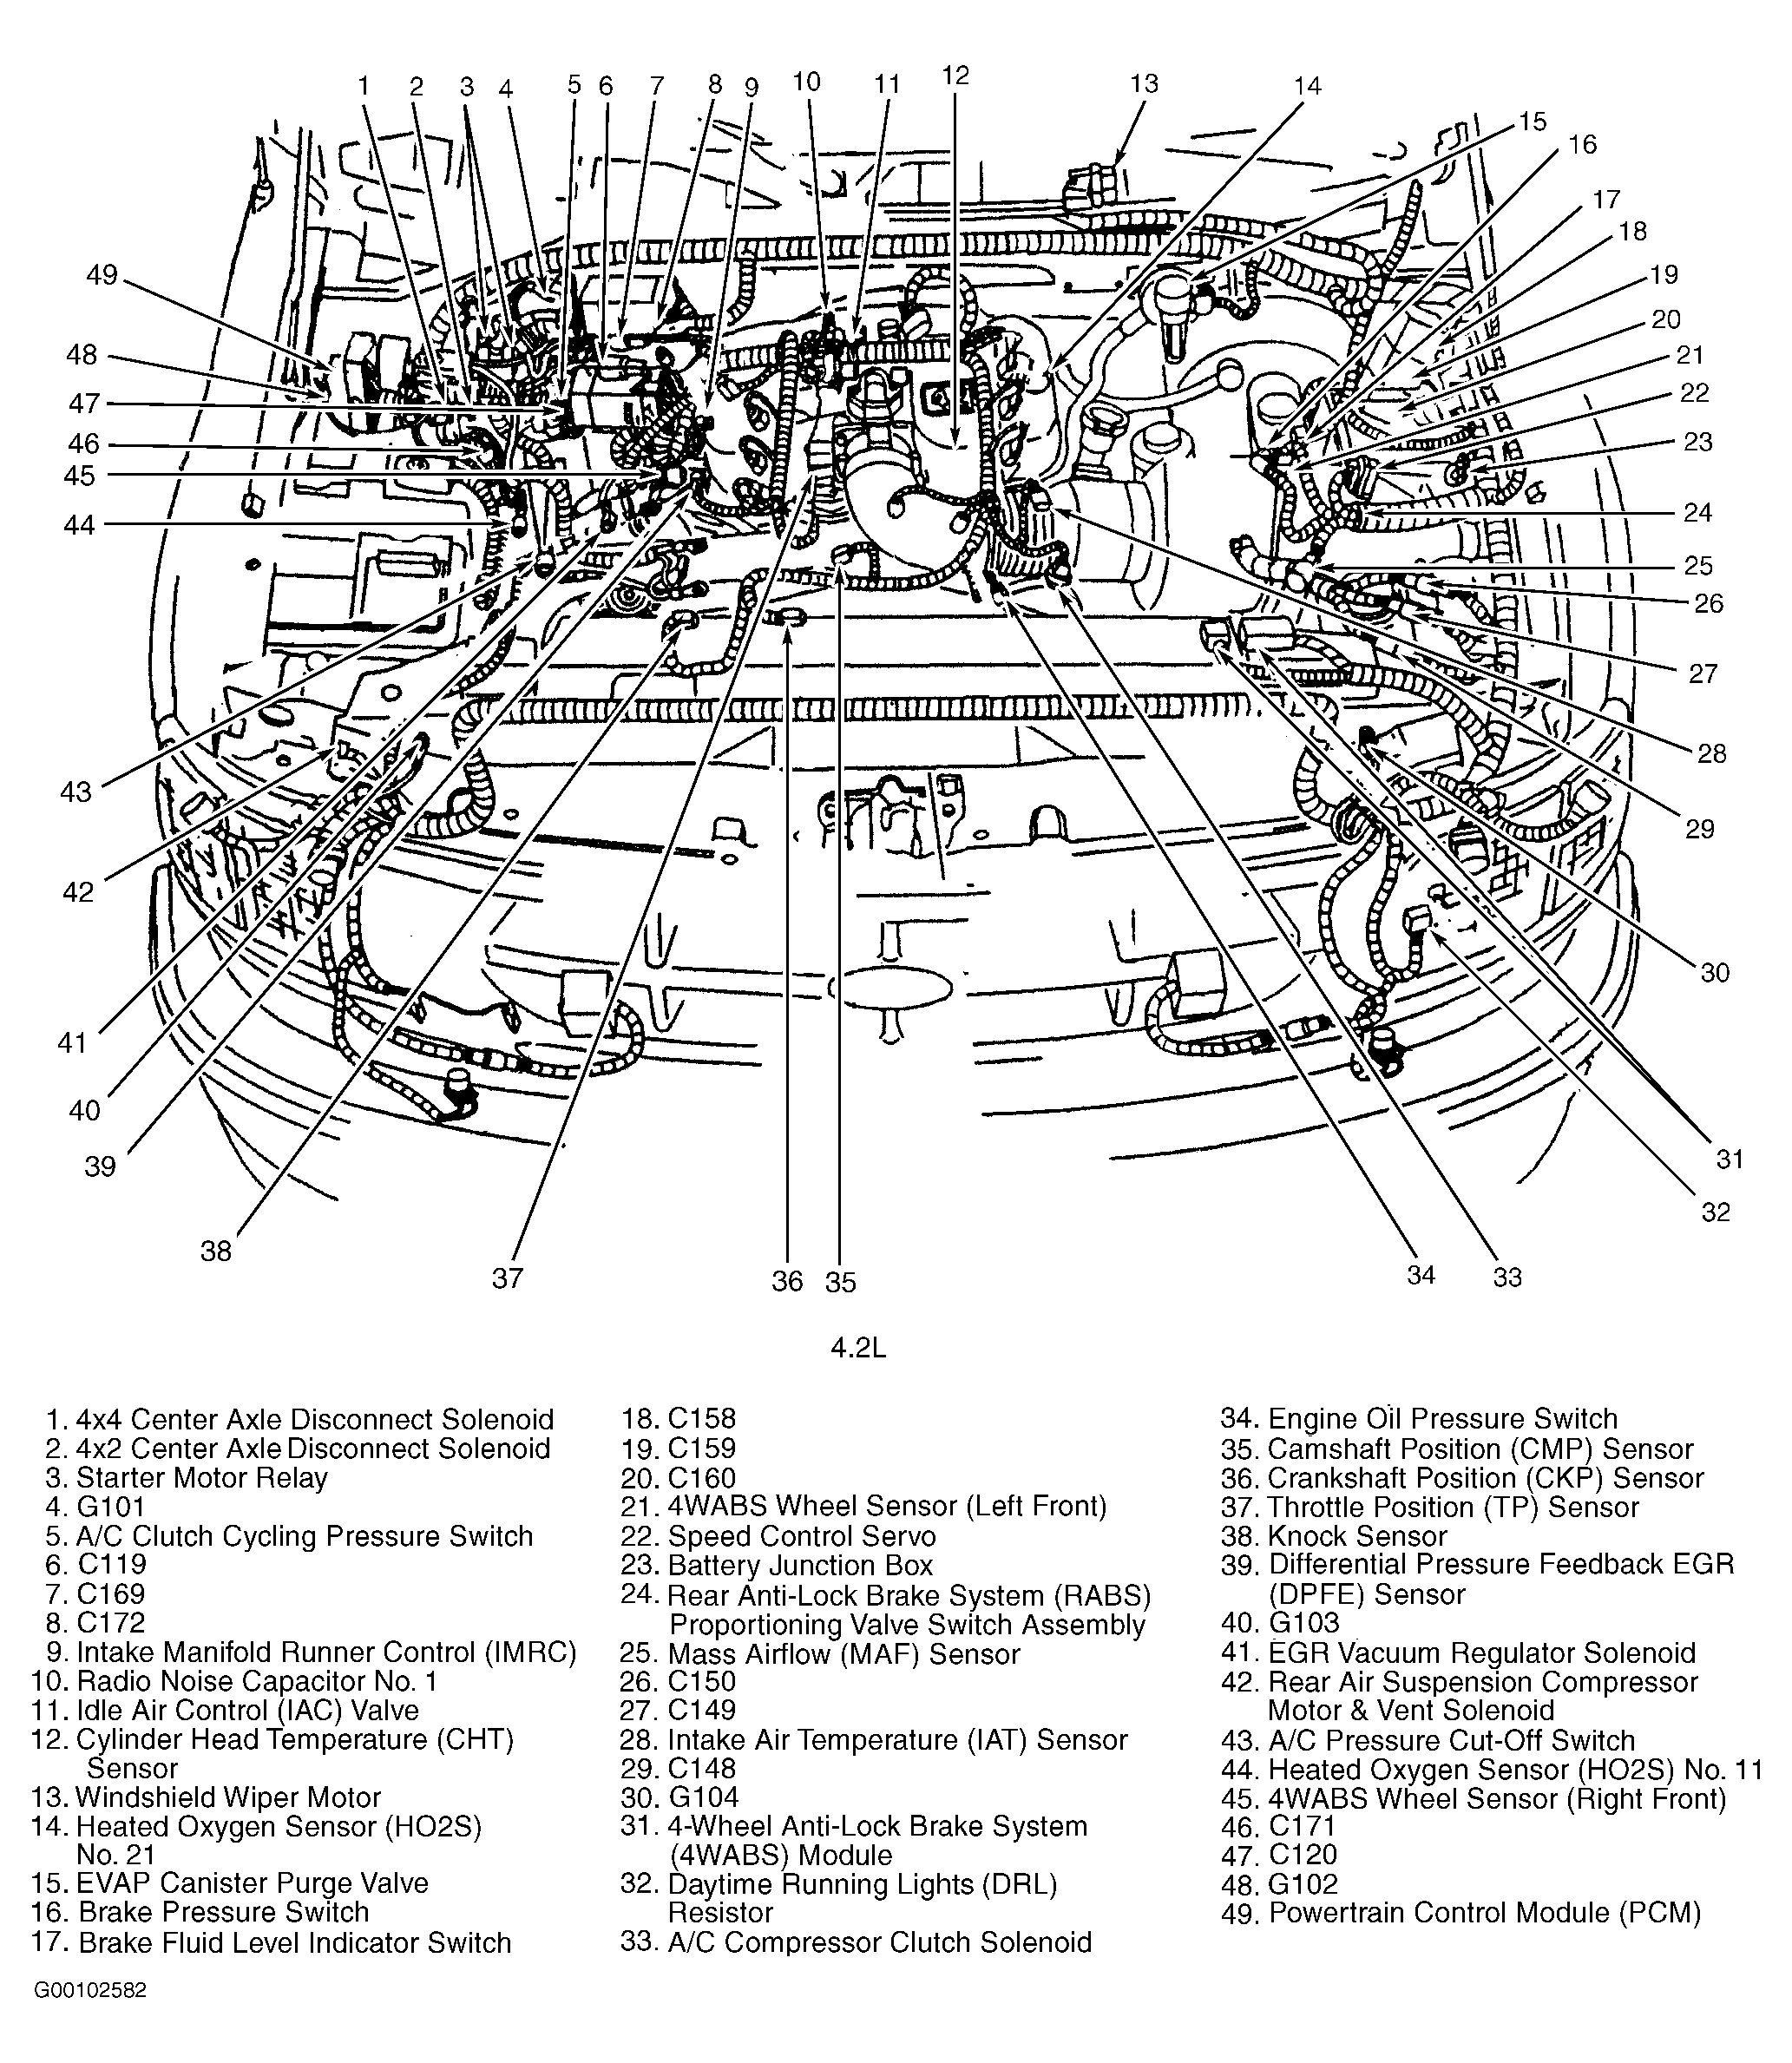 2002 Ford F150 V6 Engine Diagram F150 Ford F150 Ford